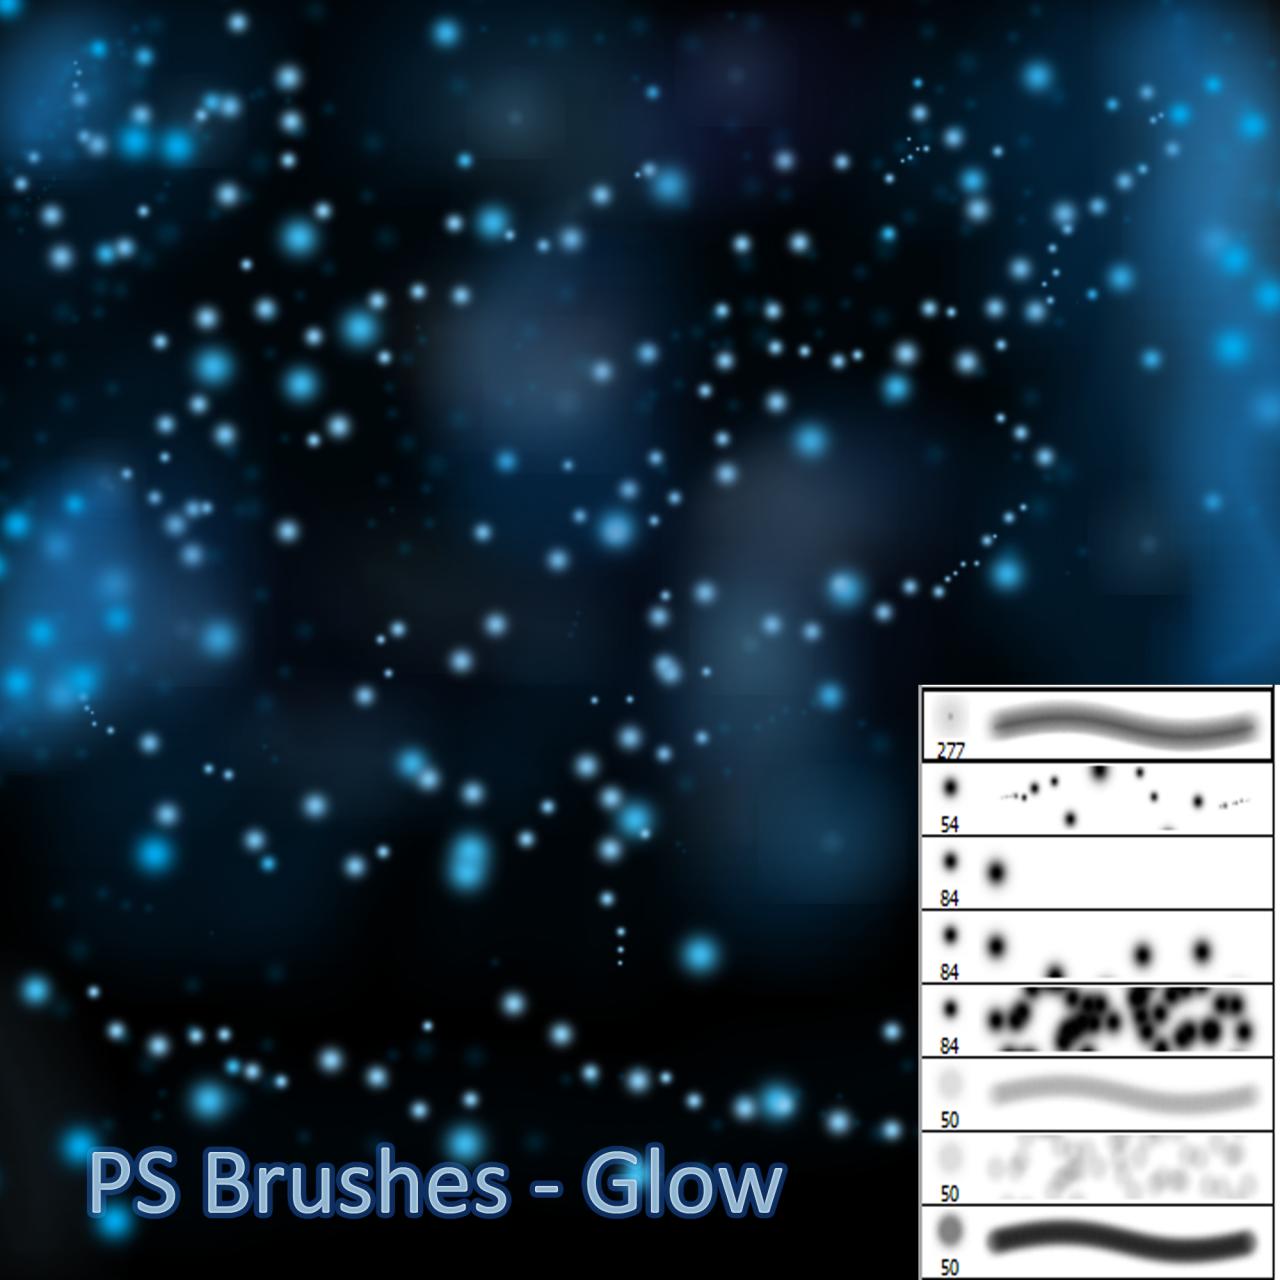 发亮光斑、光点纹理效果PS笔刷素材